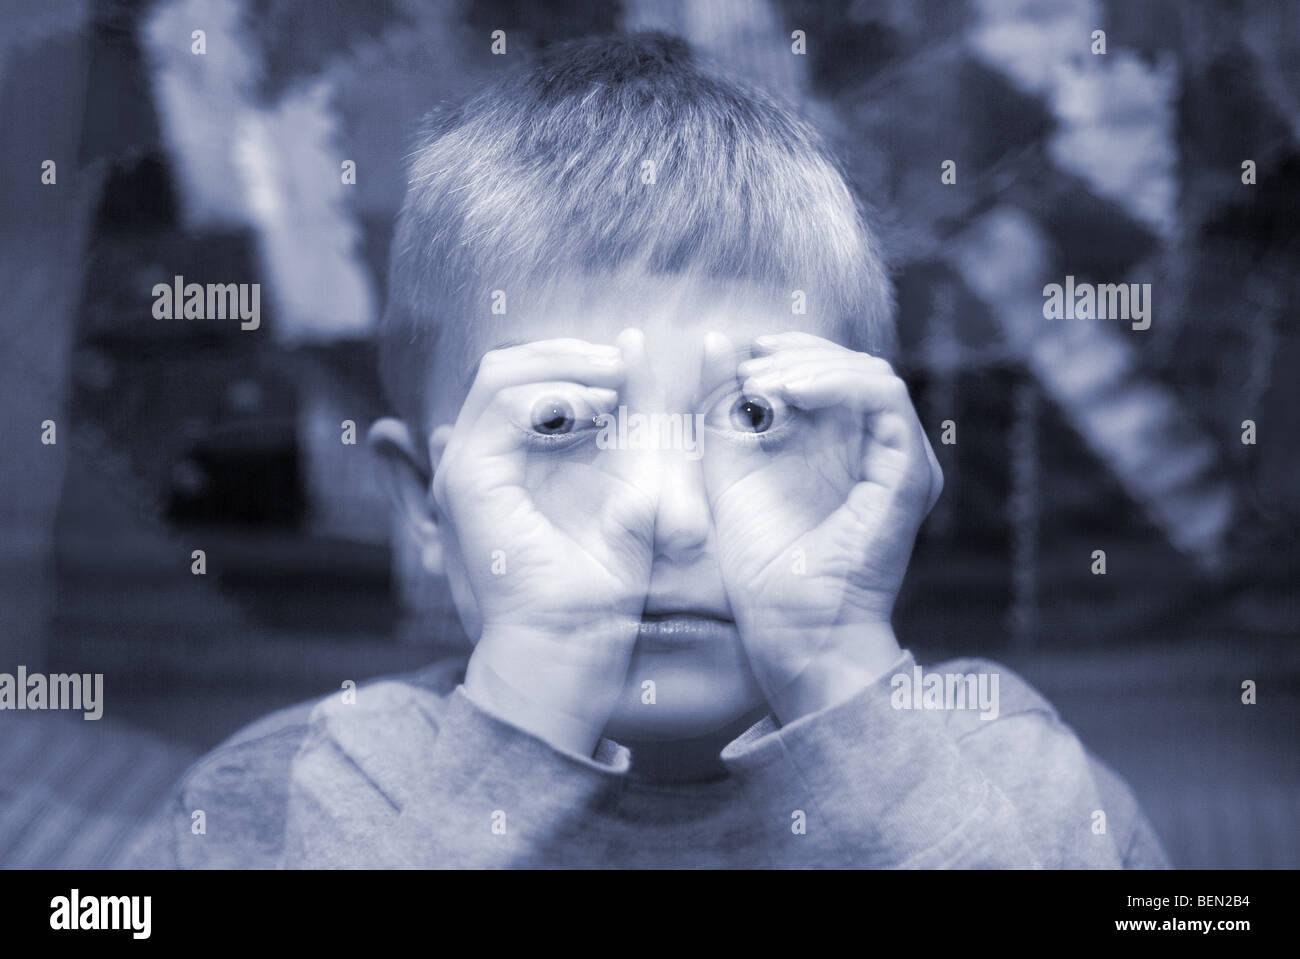 Lo imaginario infantil binoculares con manos en una exposición doble etéreo Imagen De Stock